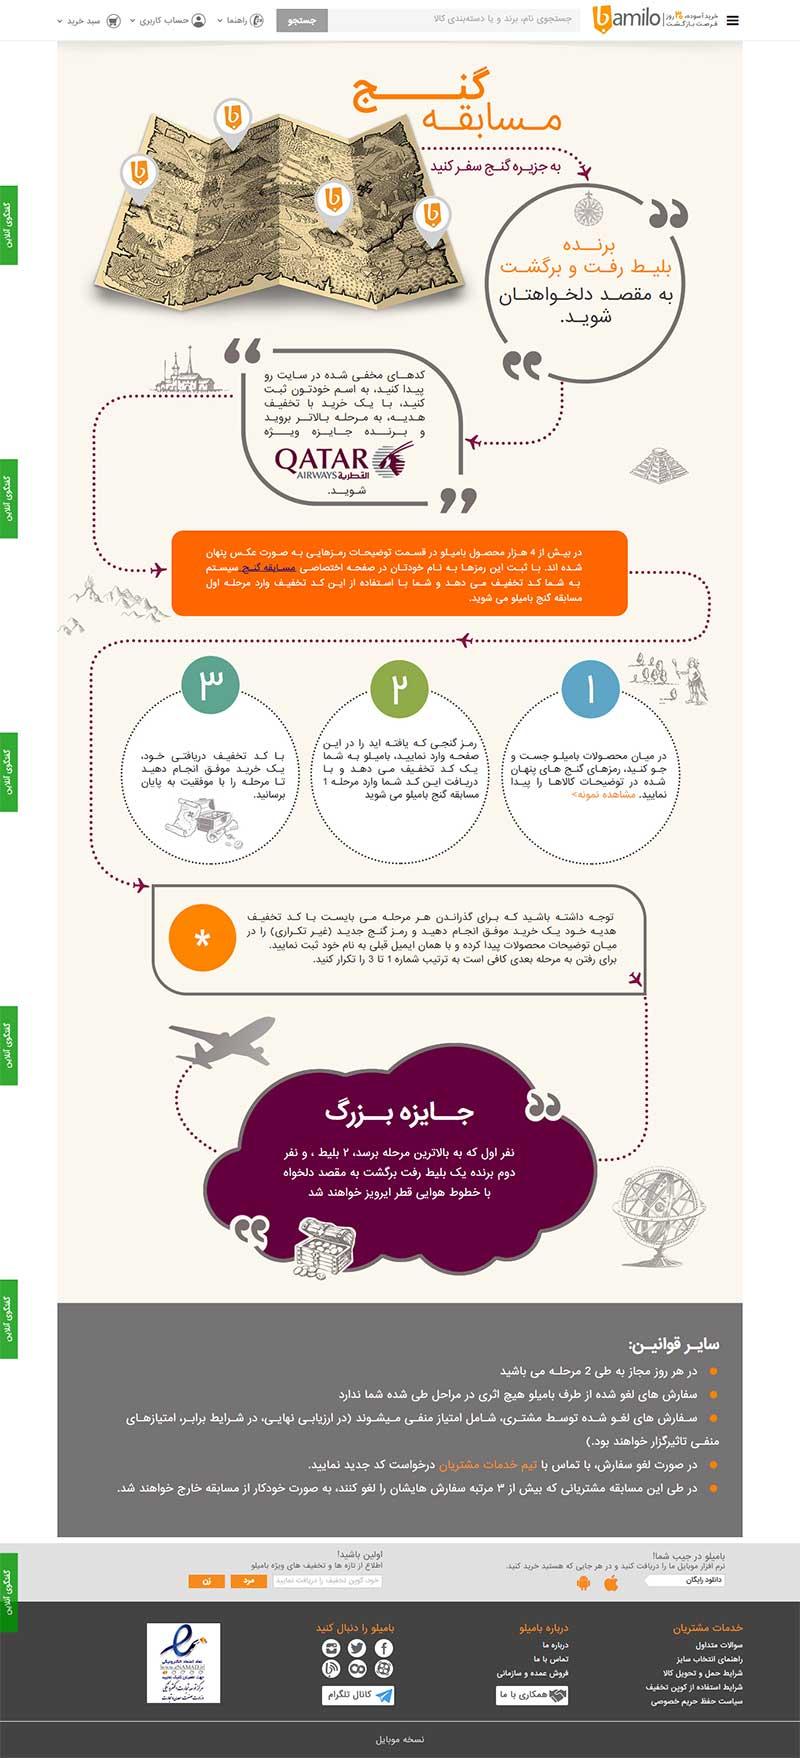 بازاریابی اینترنتی بامیلو-2